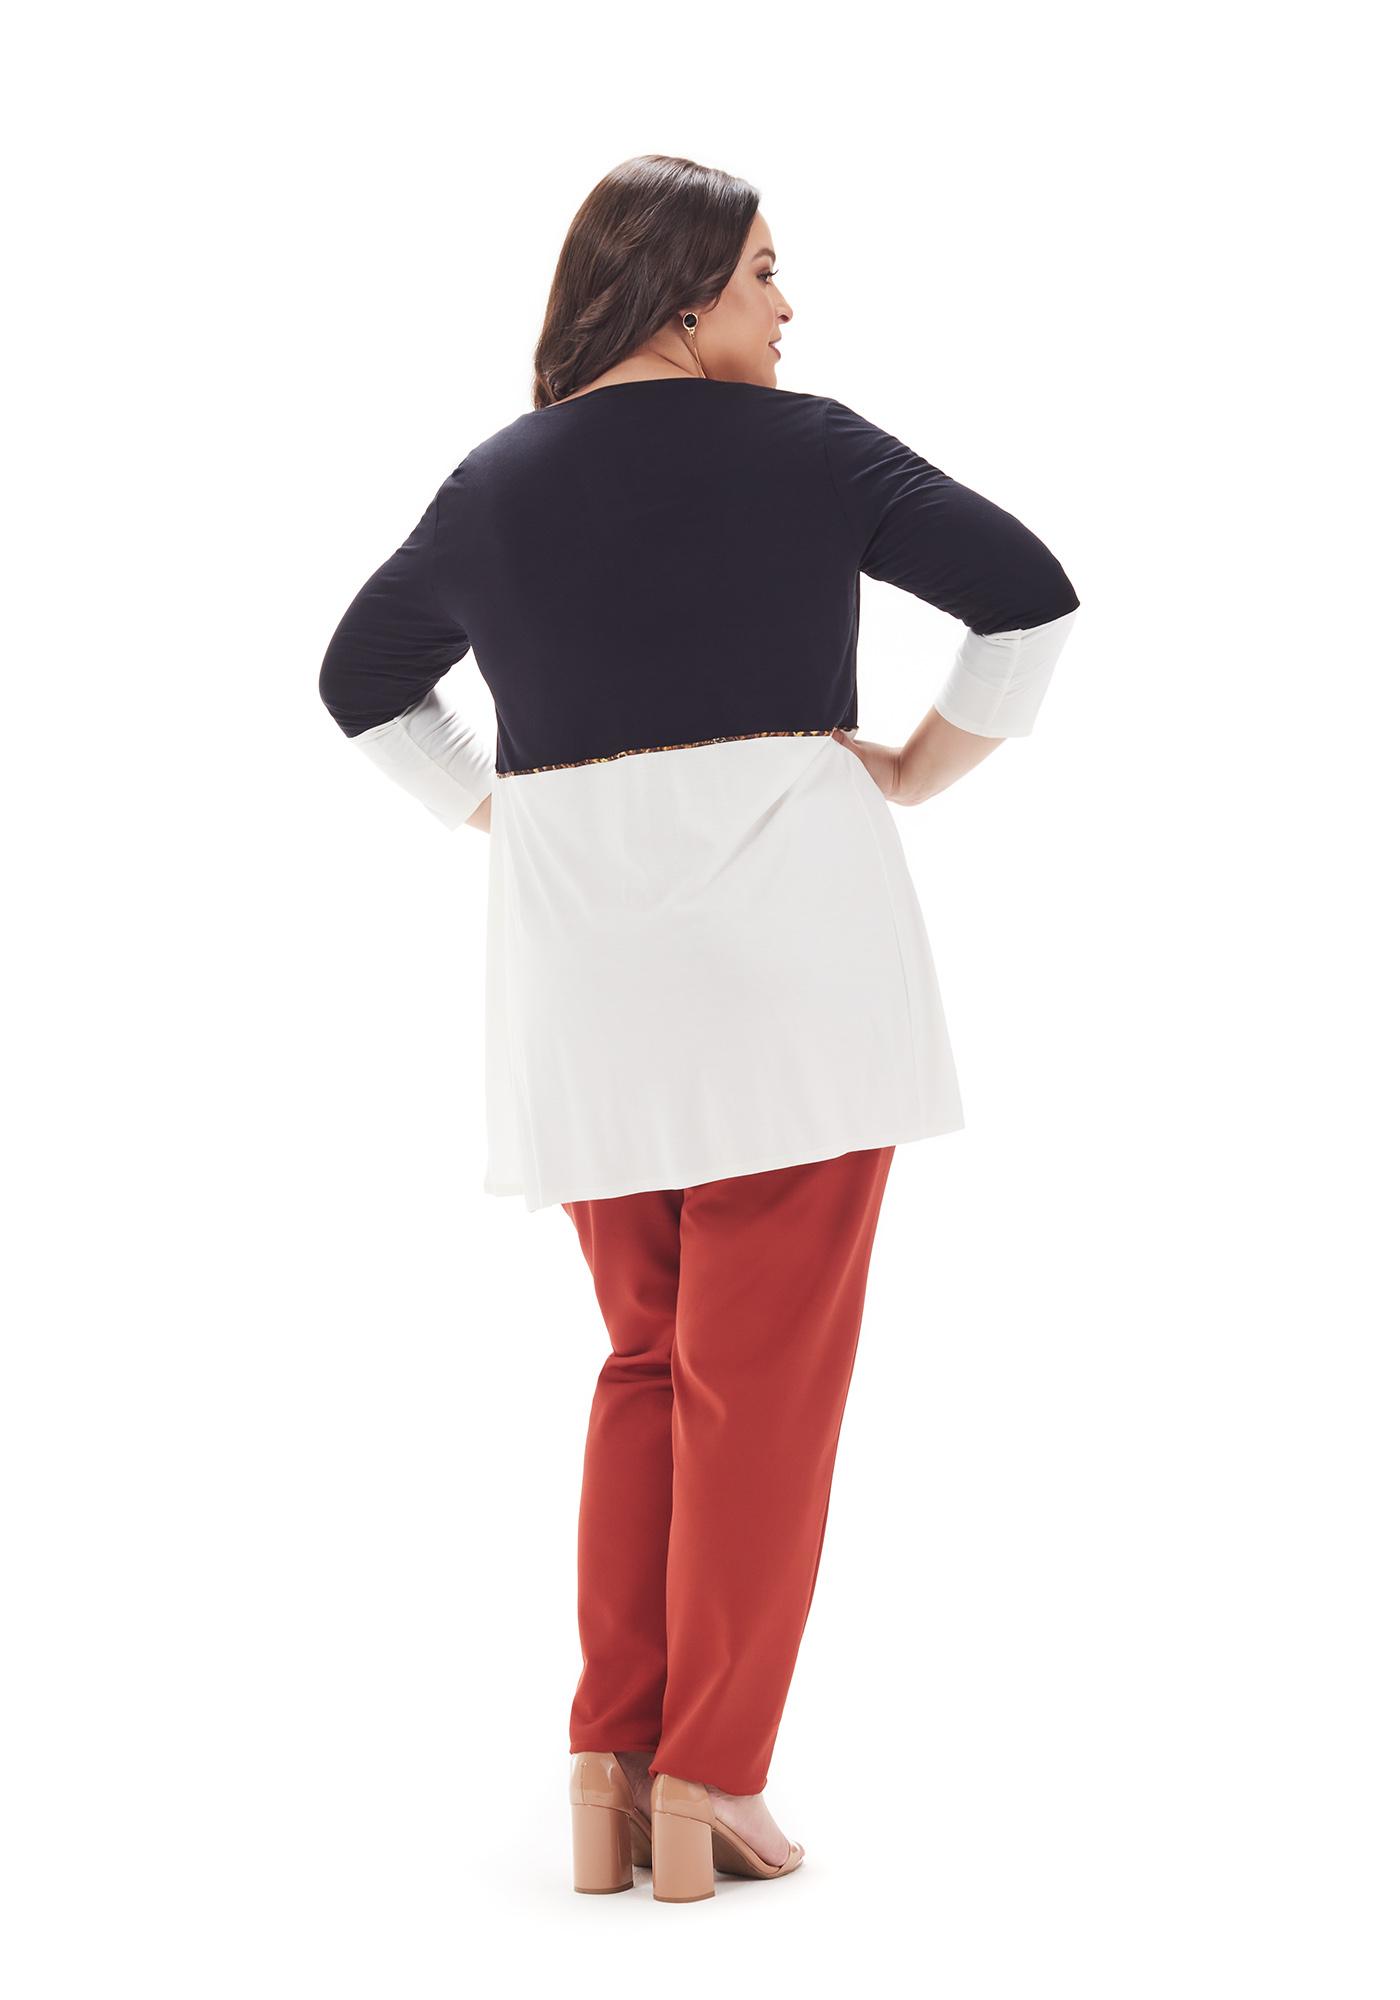 Cardigan Lepoque Plus Size em Viscolycra Bicolor (preto com branco)